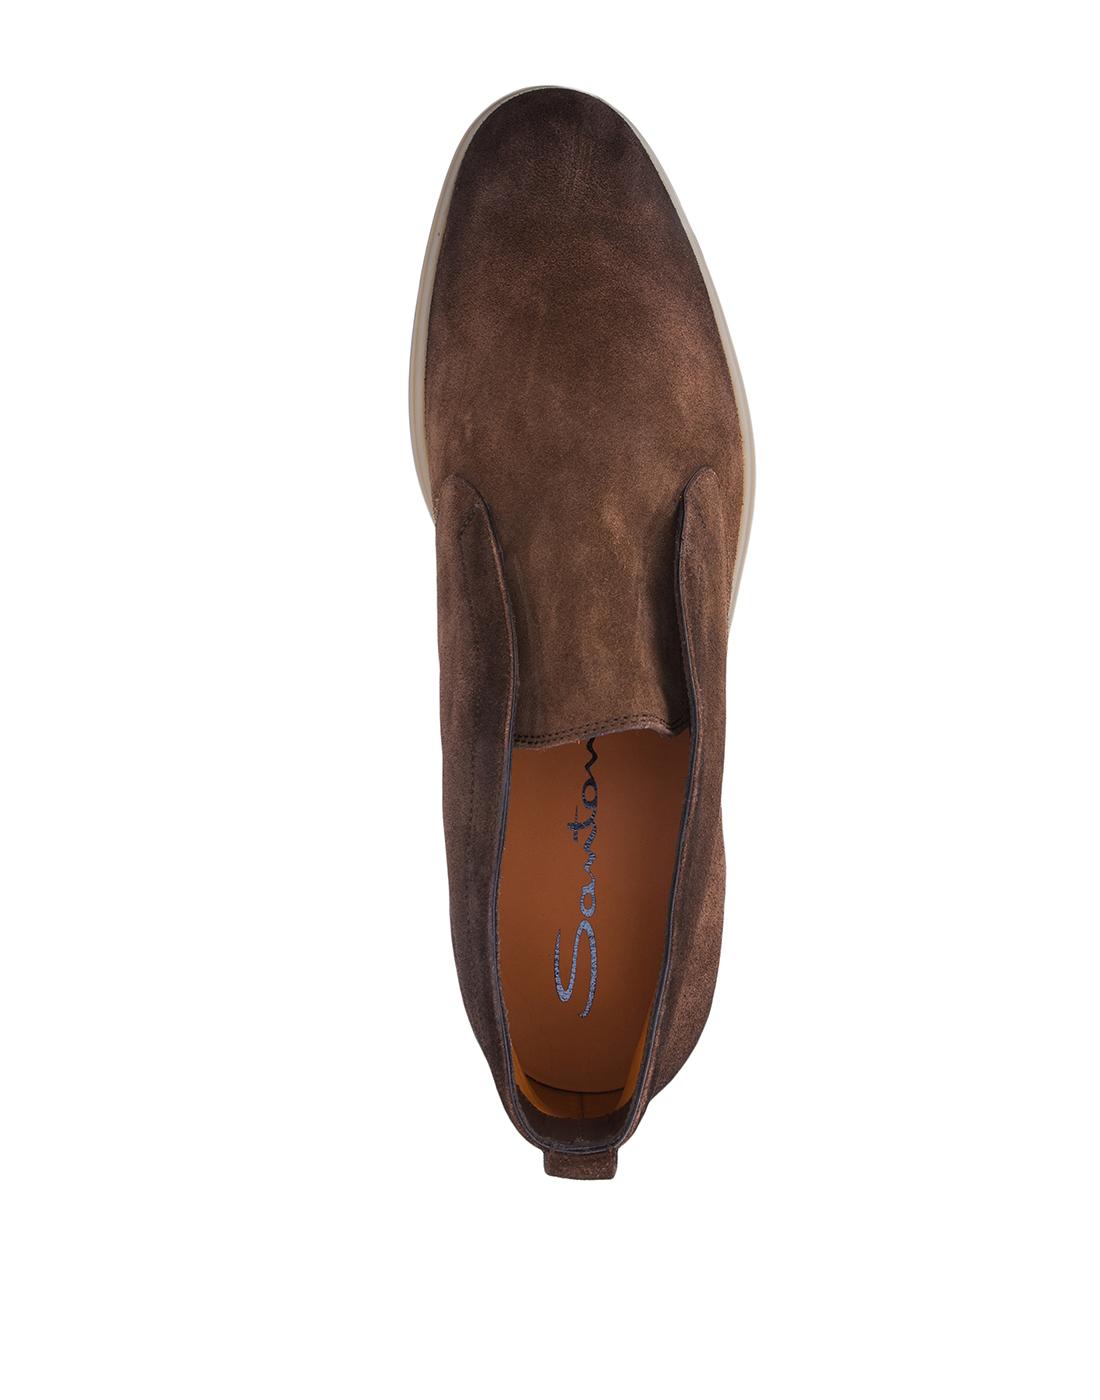 Ботинки коричневые мужские Santoni S15777-5